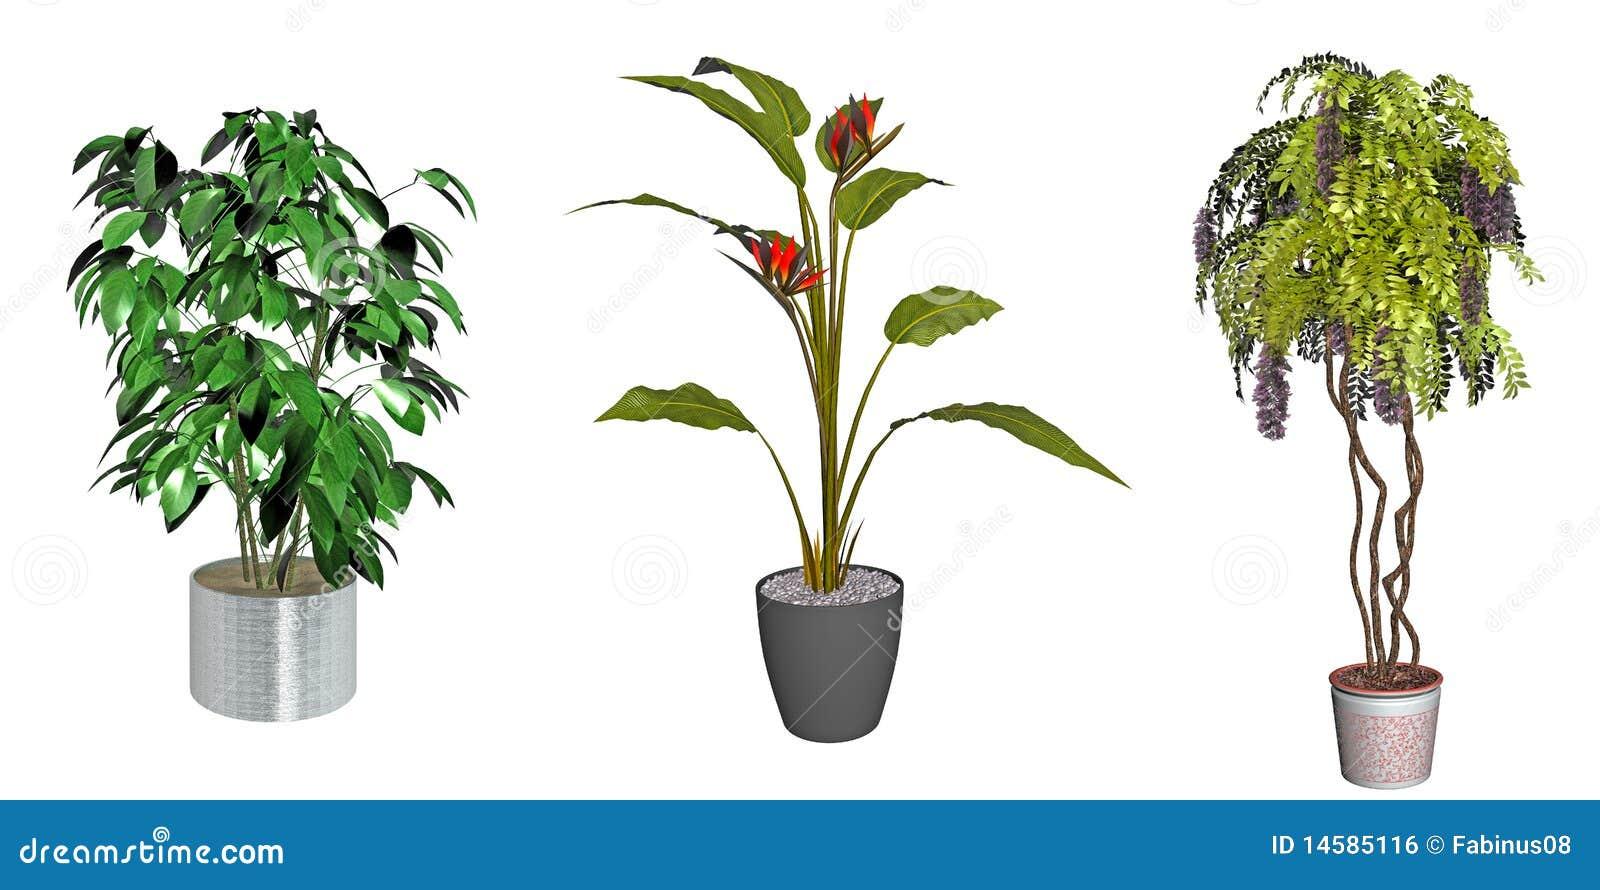 dekorative gr npflanzen